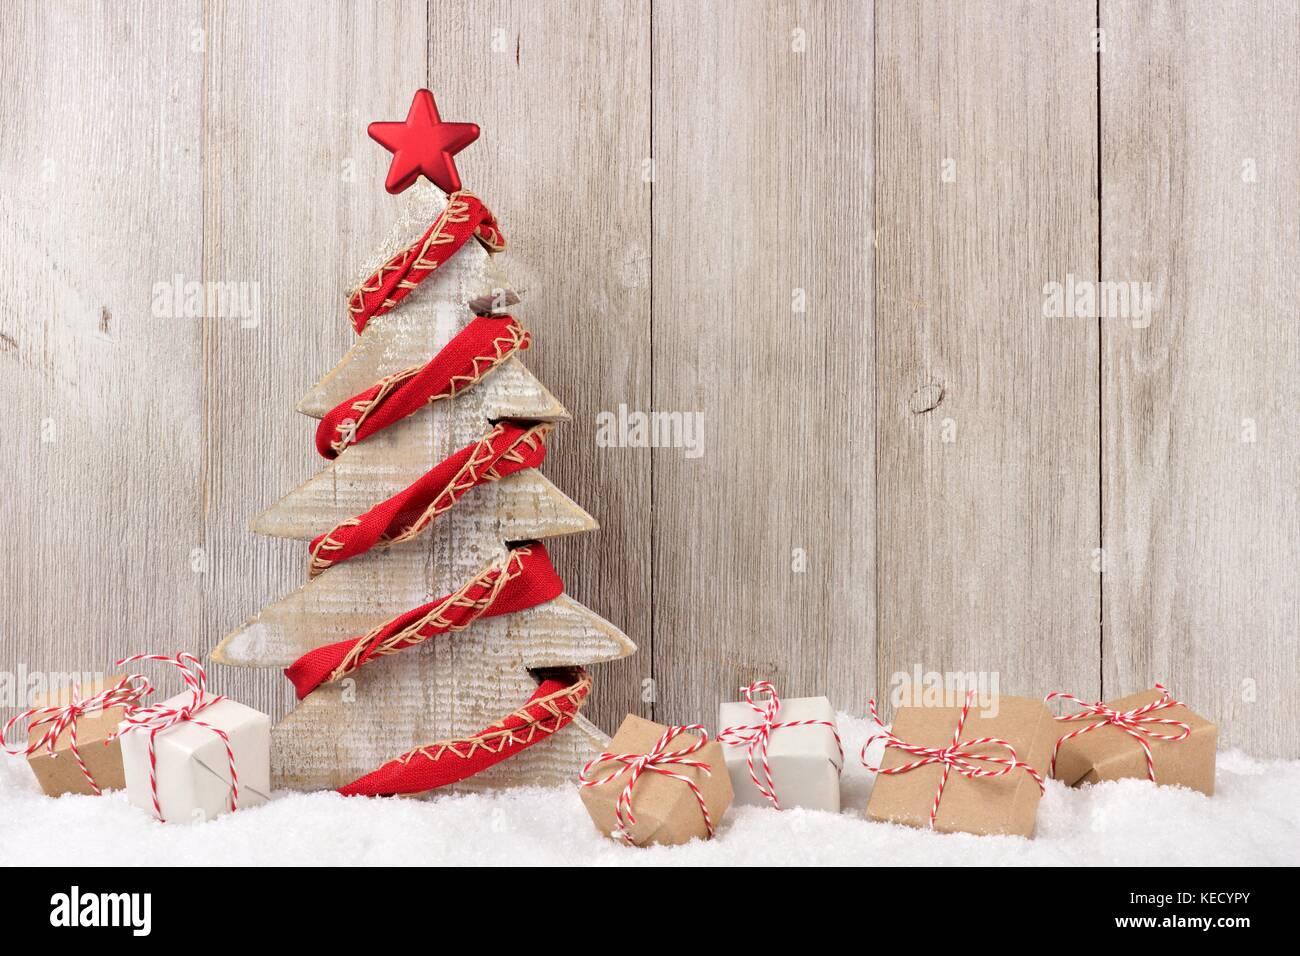 Natale Shabby Chic Rosso.Shabby Chic In Legno Albero Di Natale Con Rustico Rosso